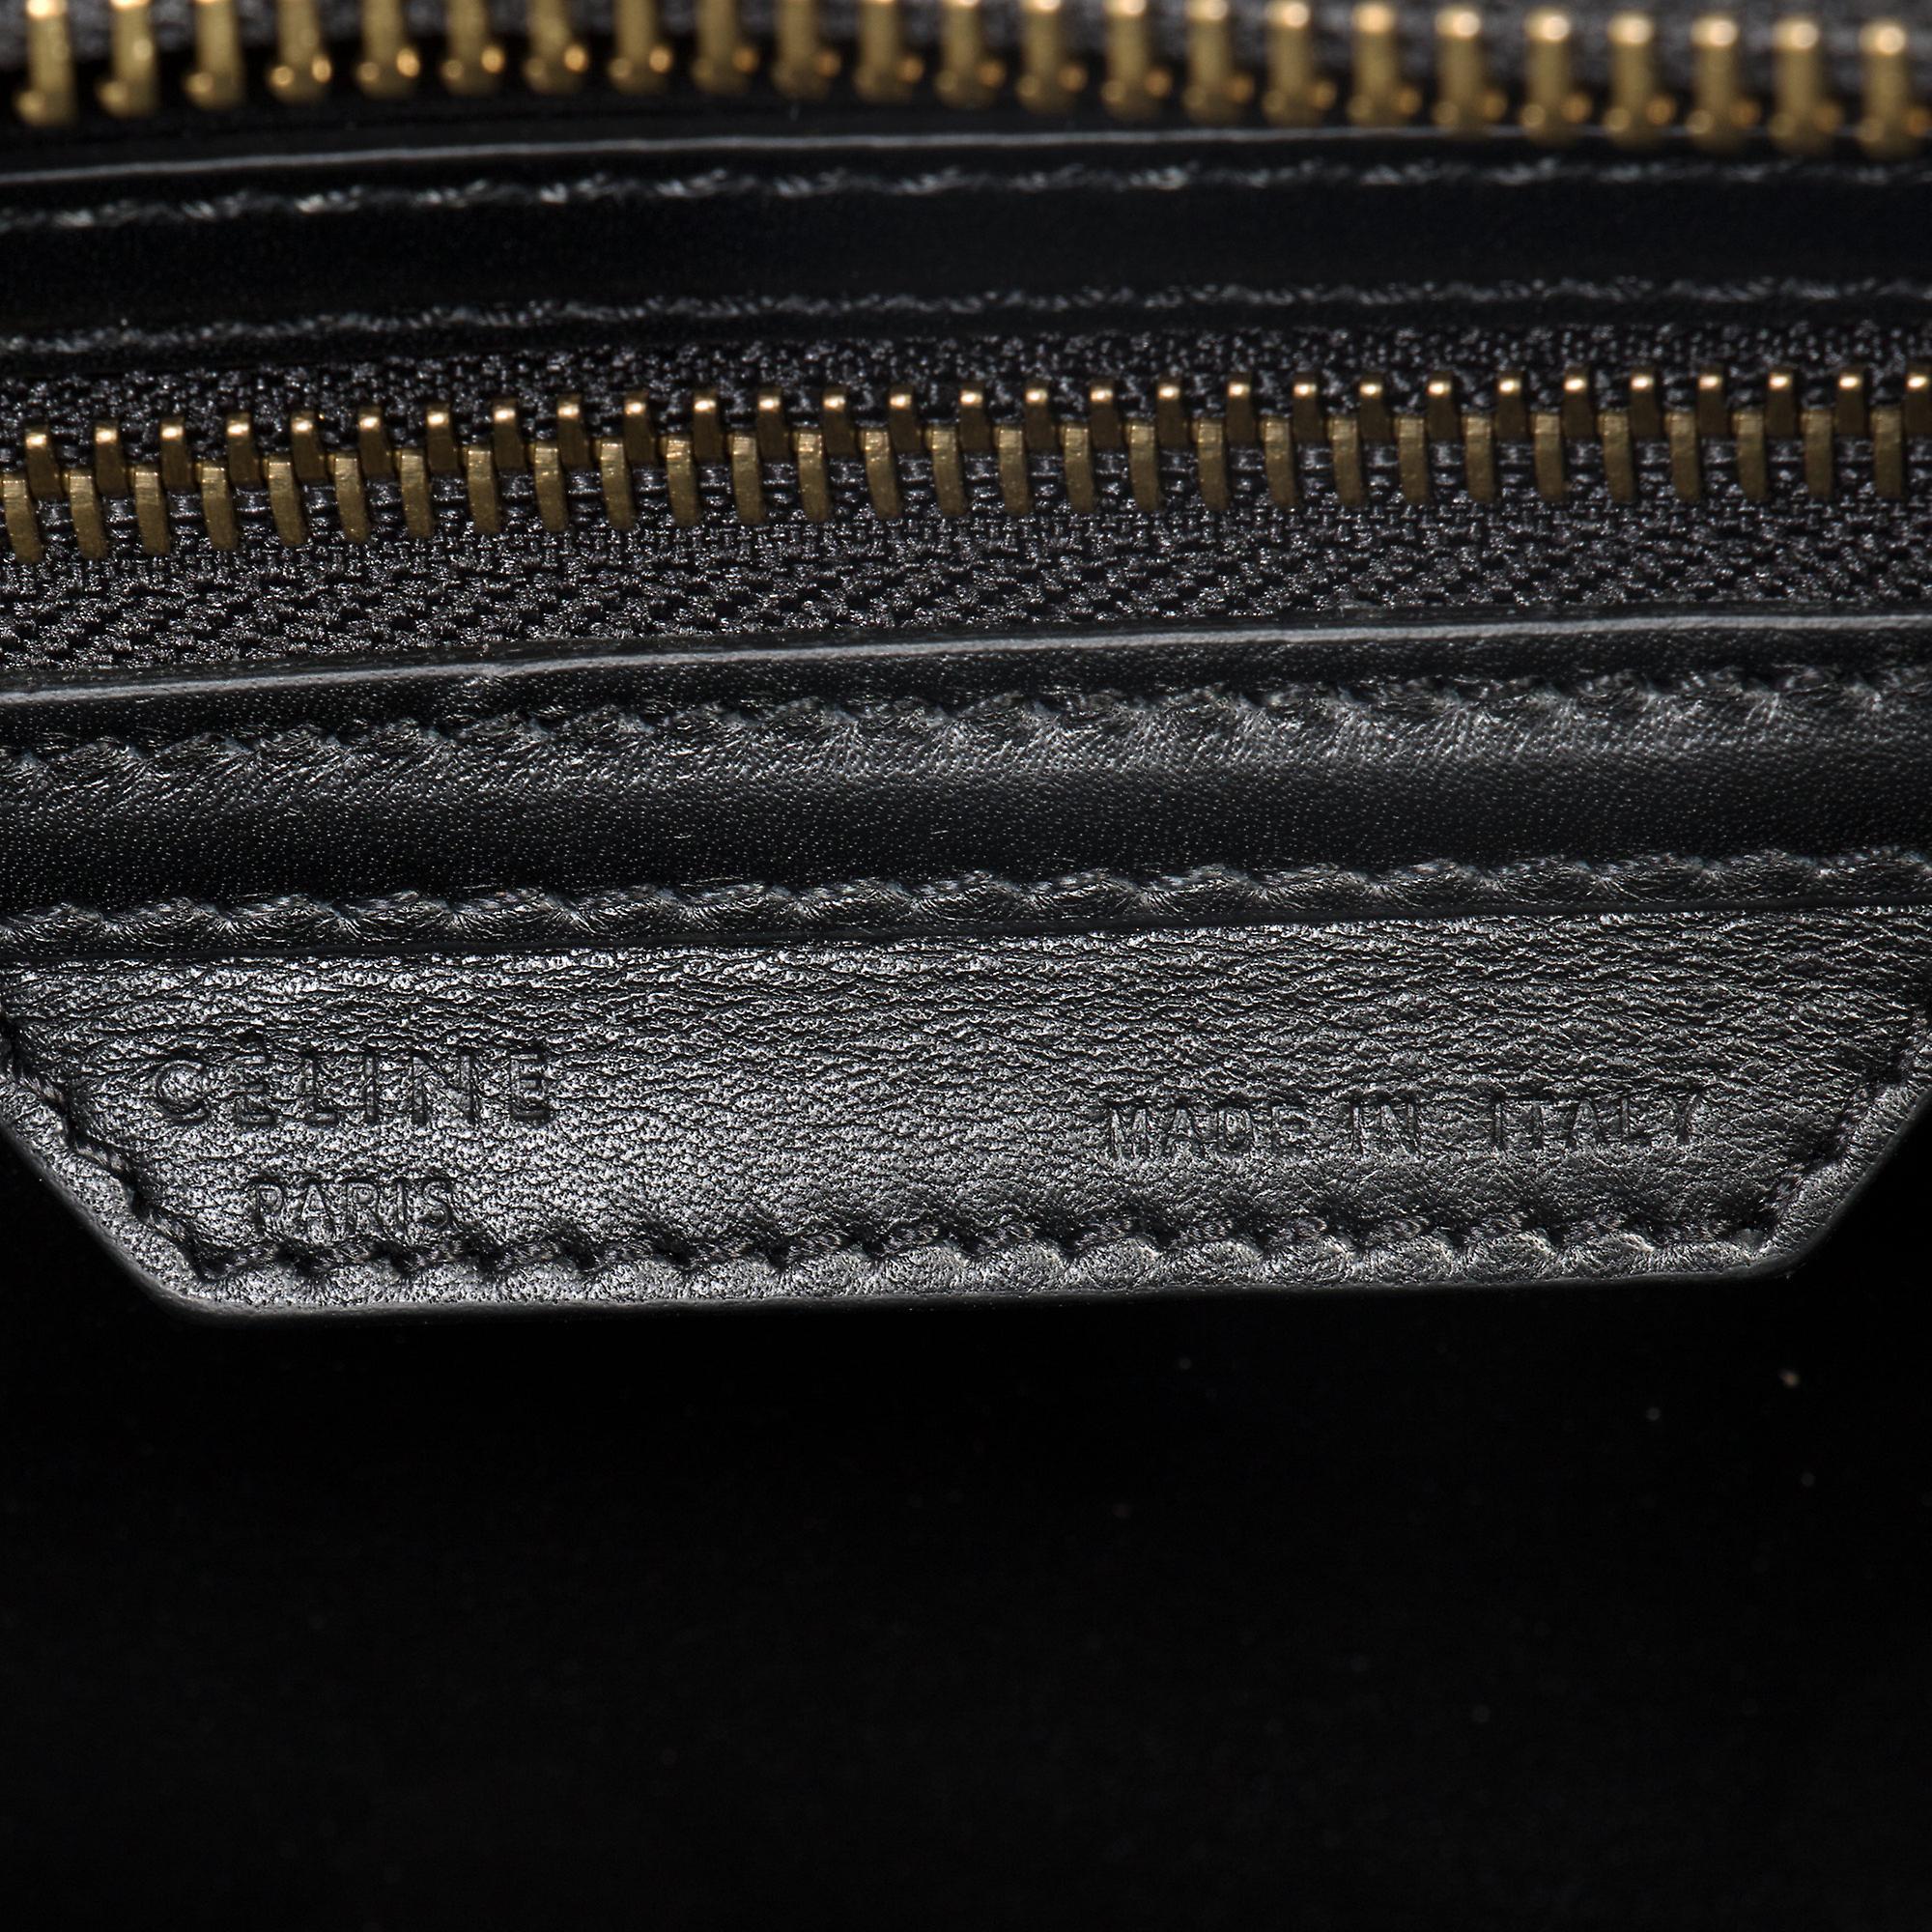 Celine mikro smaragd grønne Python svart skinn veske